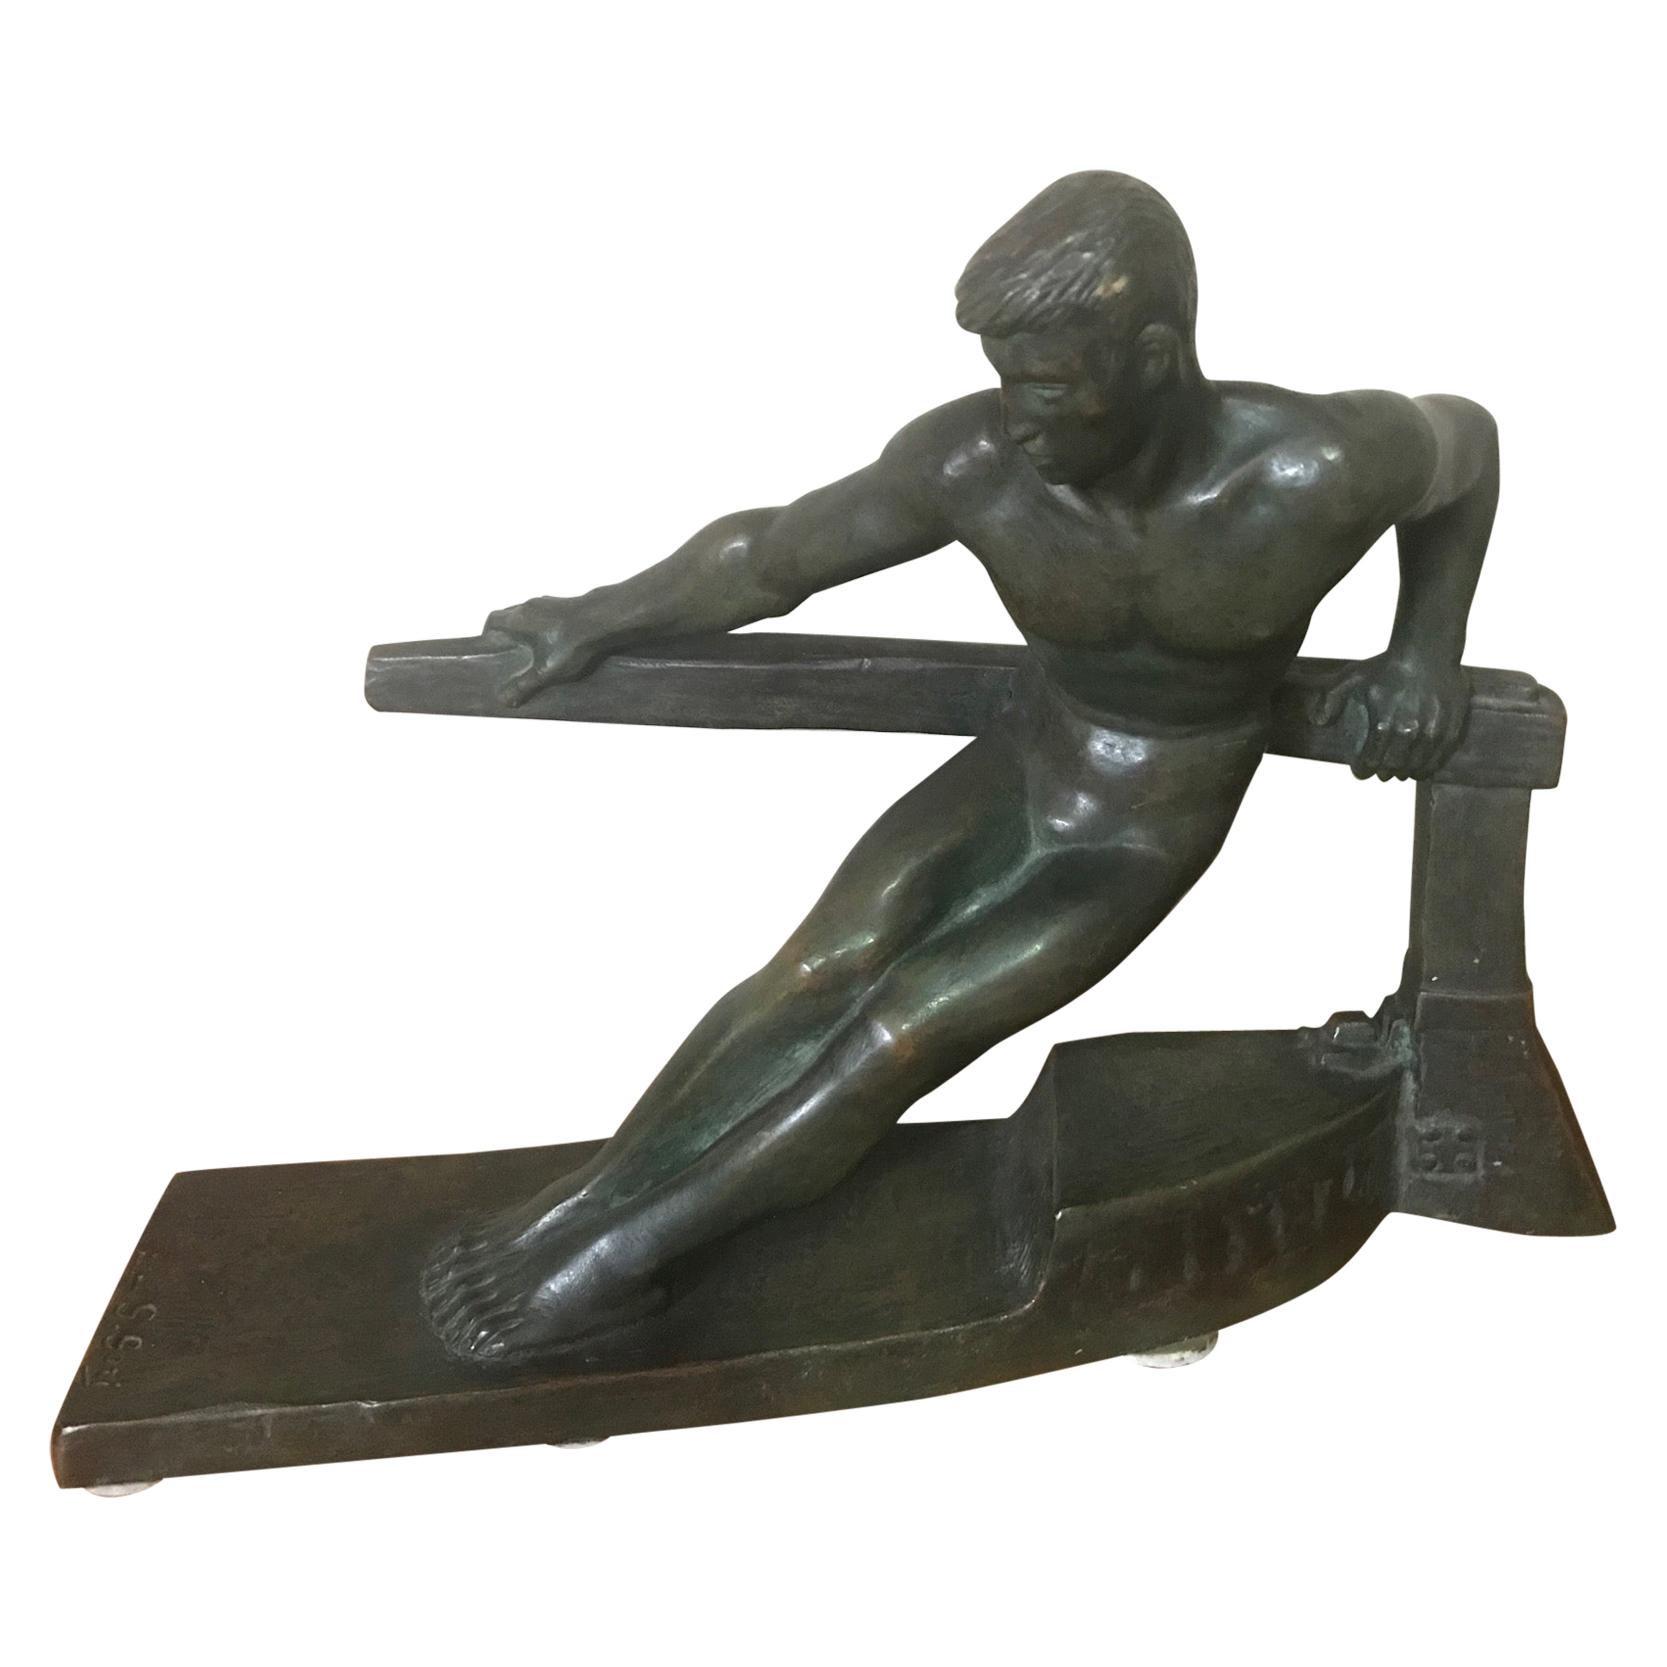 20th Century George Gori Art Deco Bronze Sculpture, 1930s